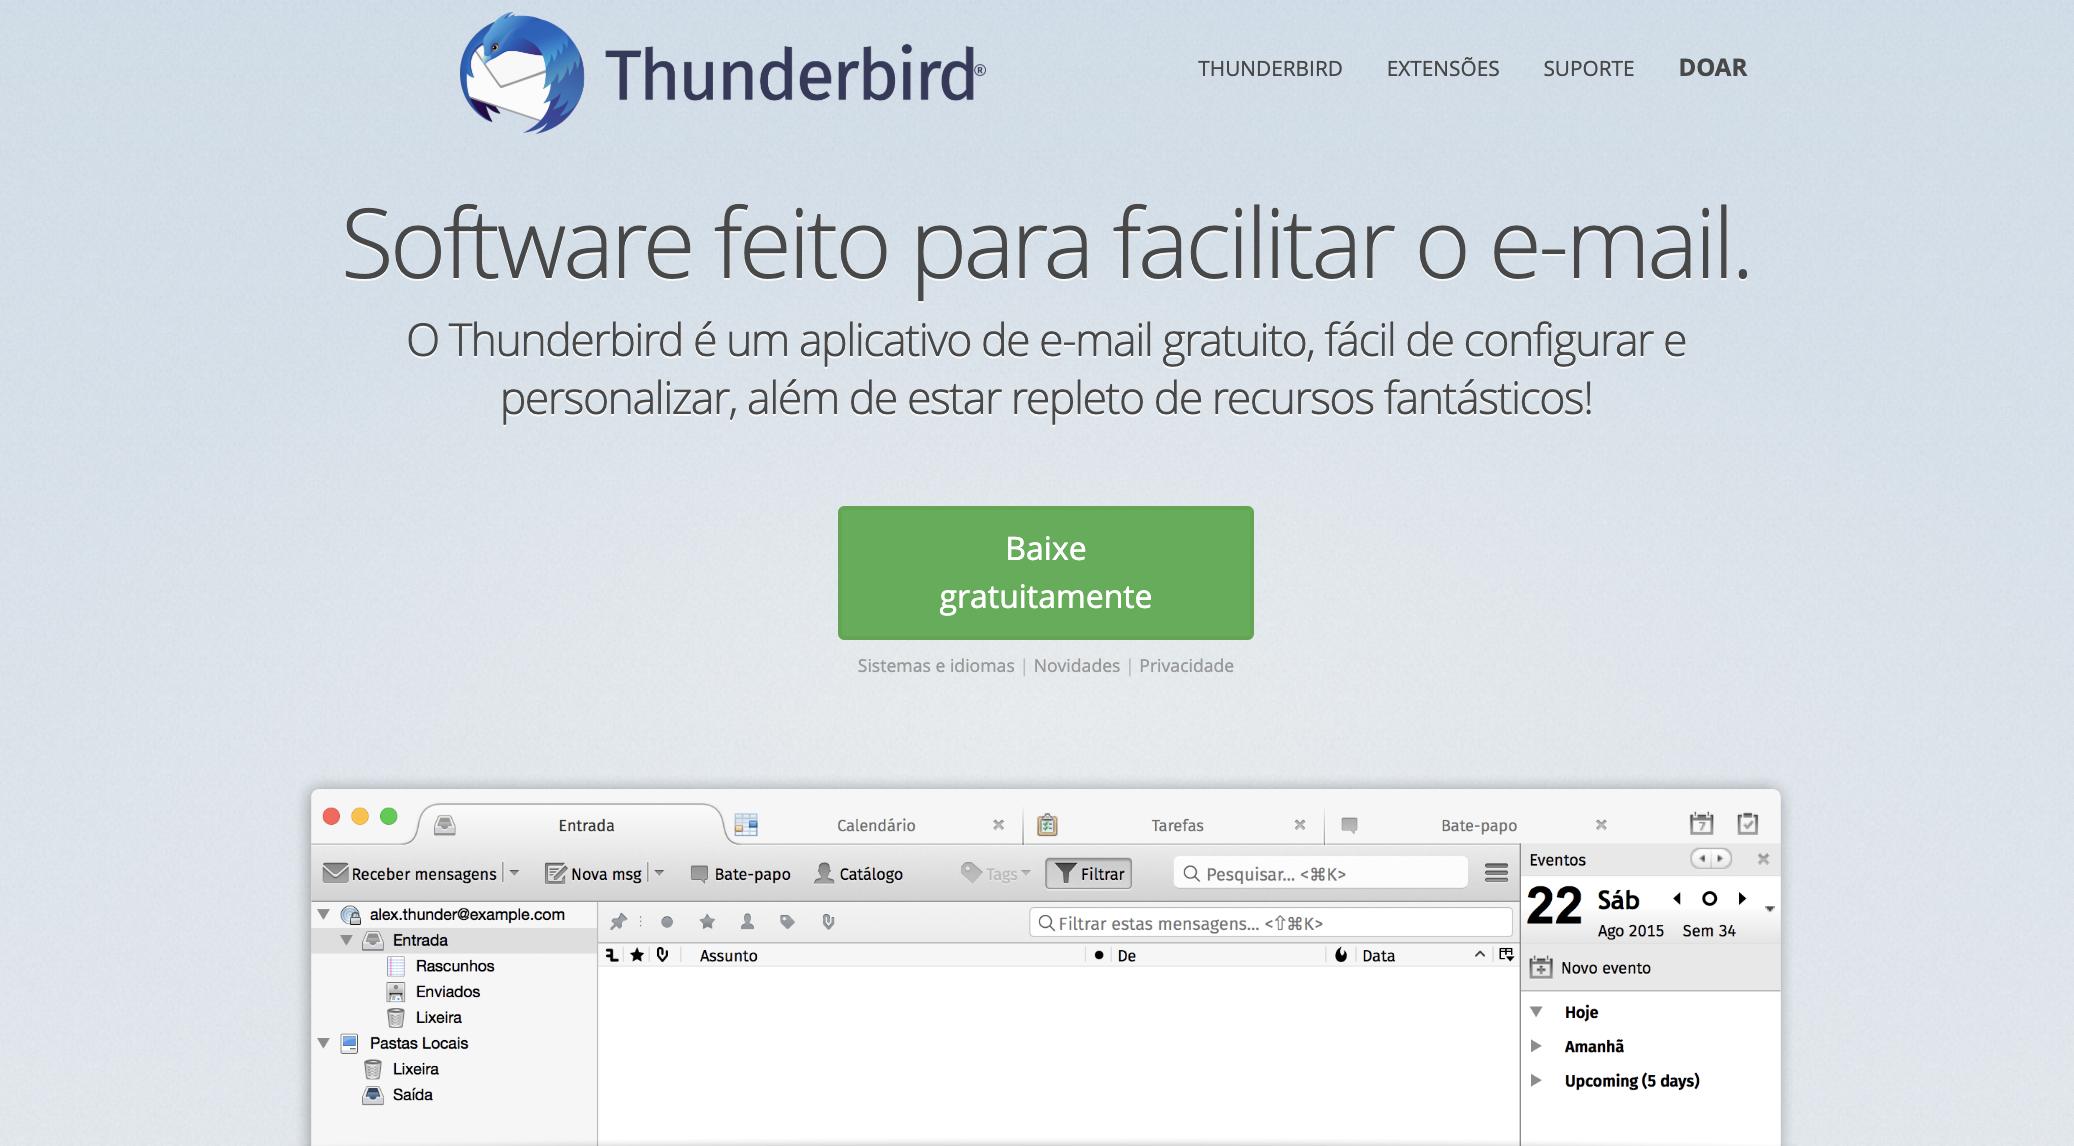 Thunderbird como exemplo de ferramenta grátis de email marketing